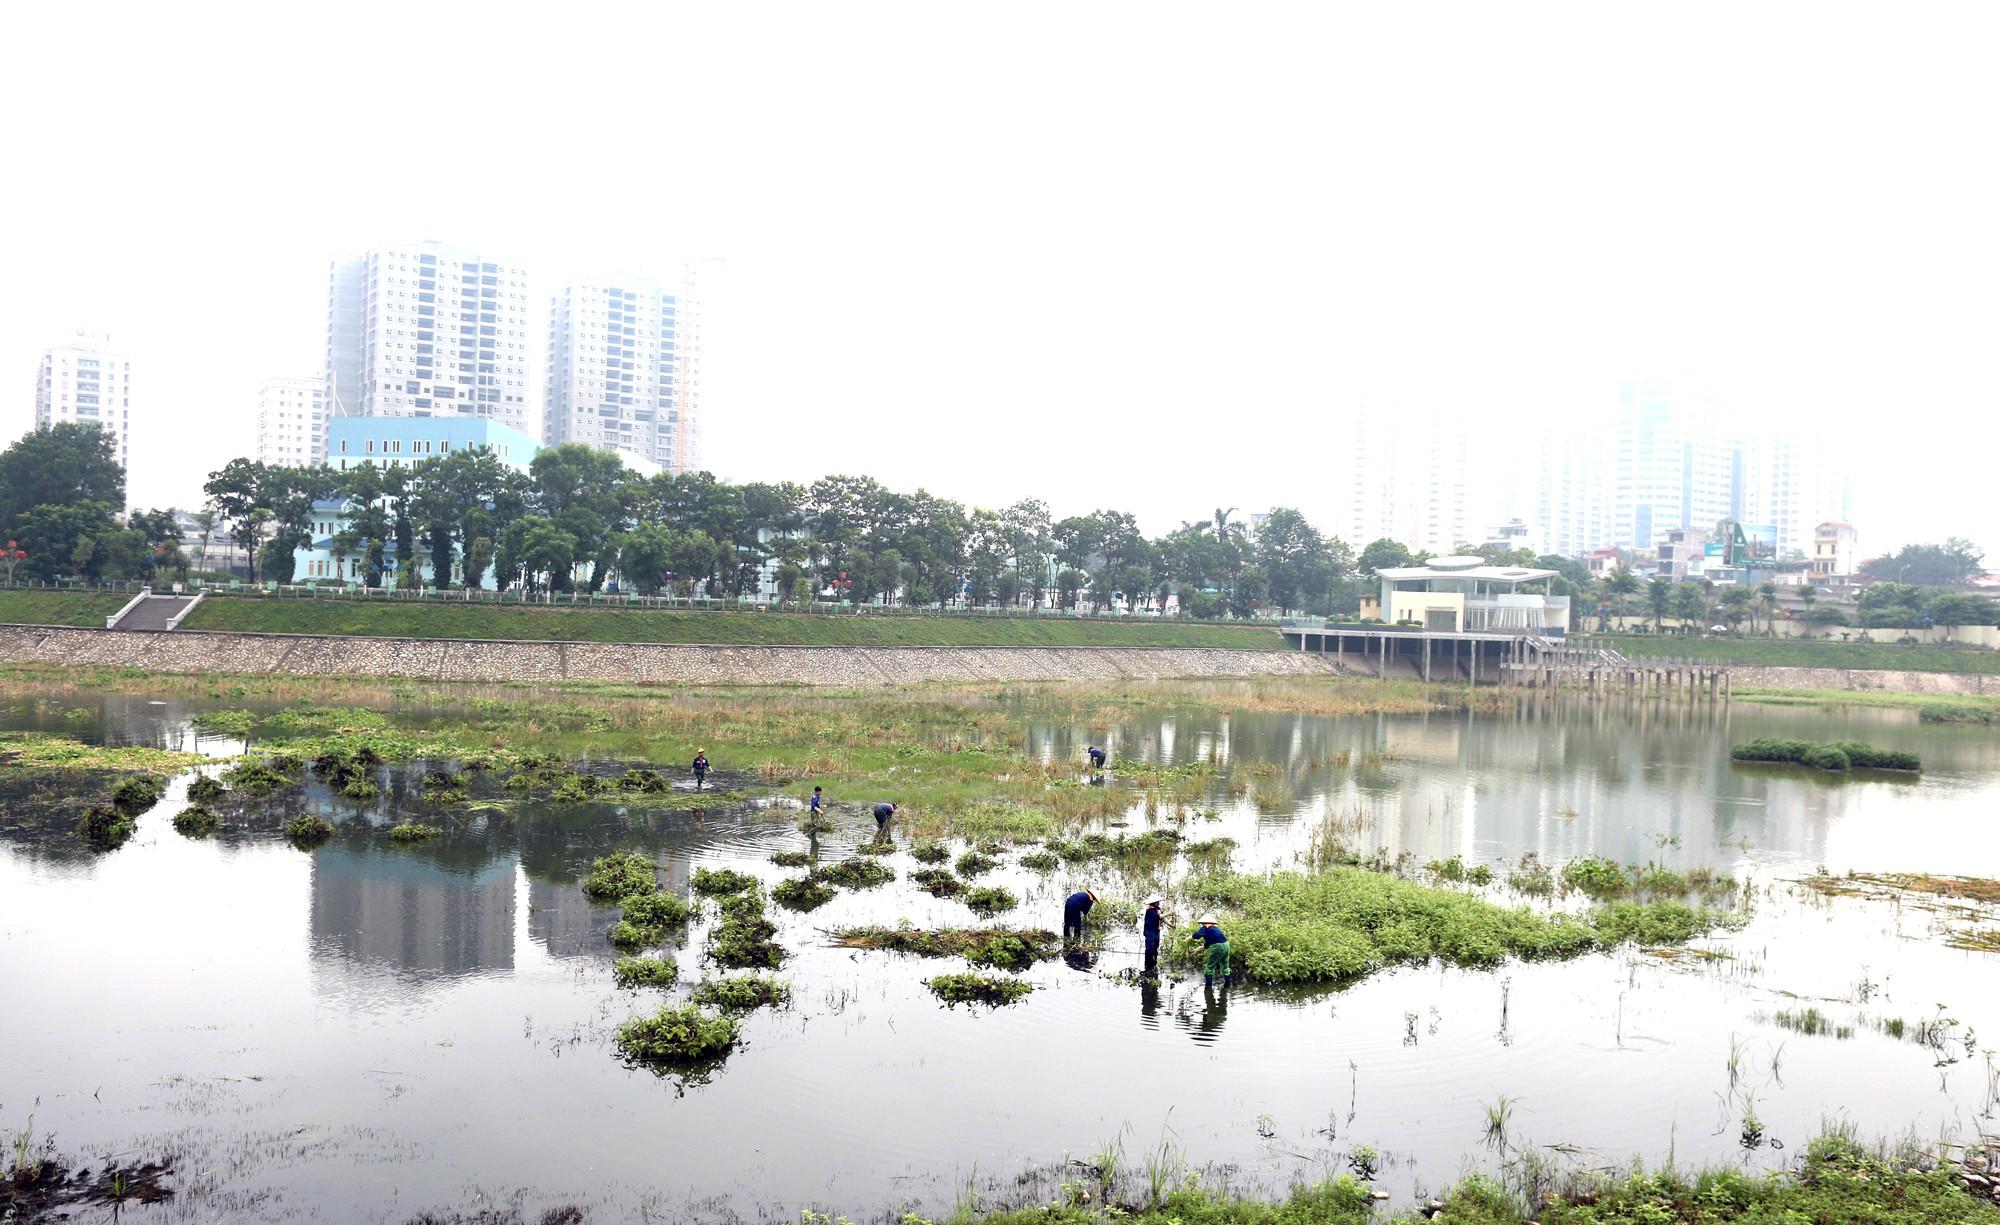 Công viên 300 tỉ đồng trên đất vàng ở Hà Nội mới khánh thành đã bị dân chê hôi thối - Ảnh 4.